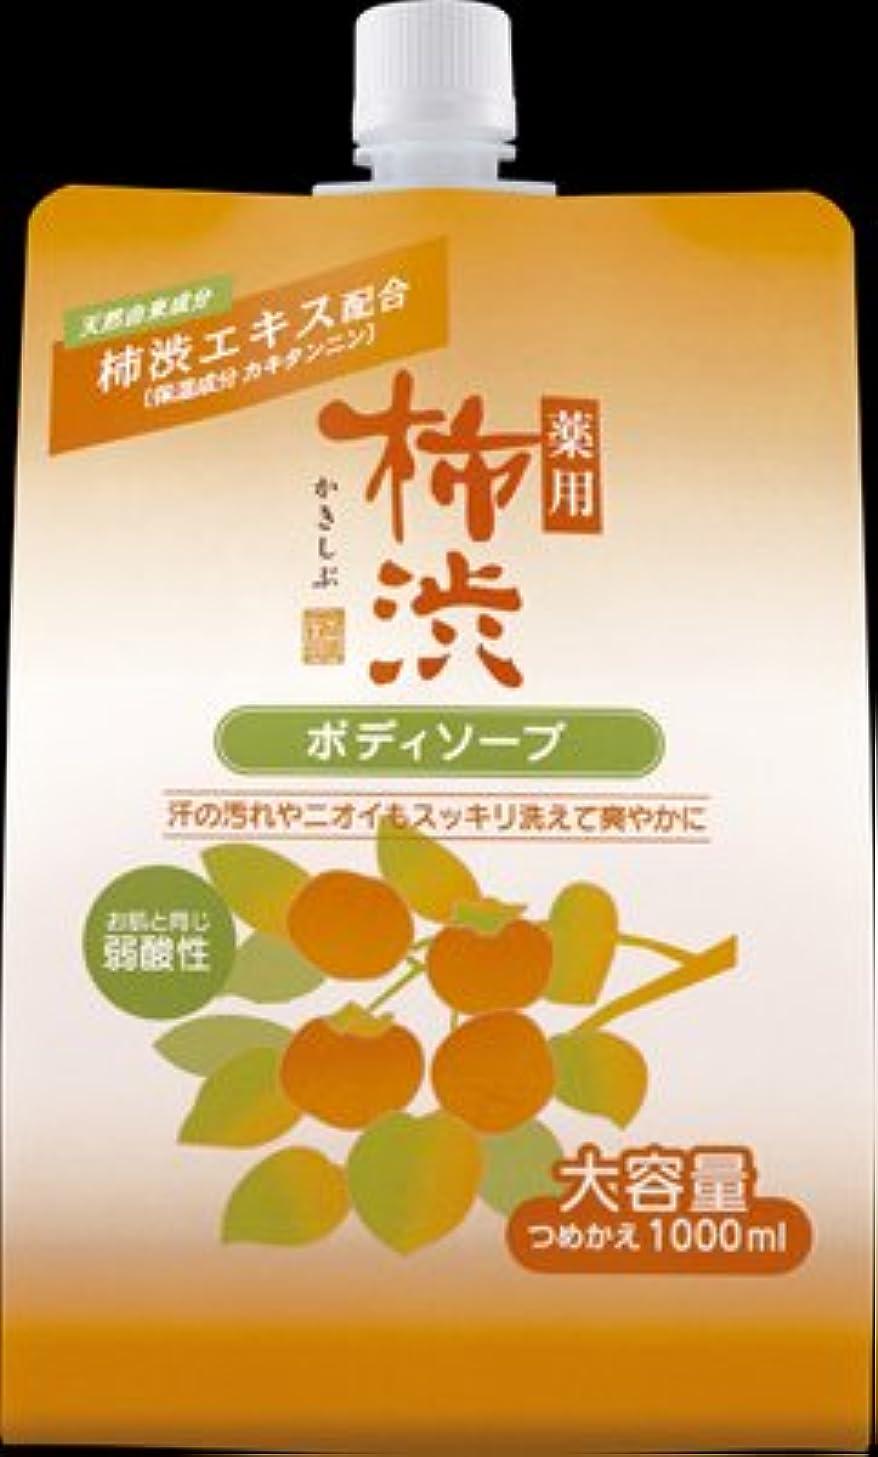 批判する運搬枕熊野油脂 薬用柿渋ボディソープ 1000ML つめかえ用×10点セット